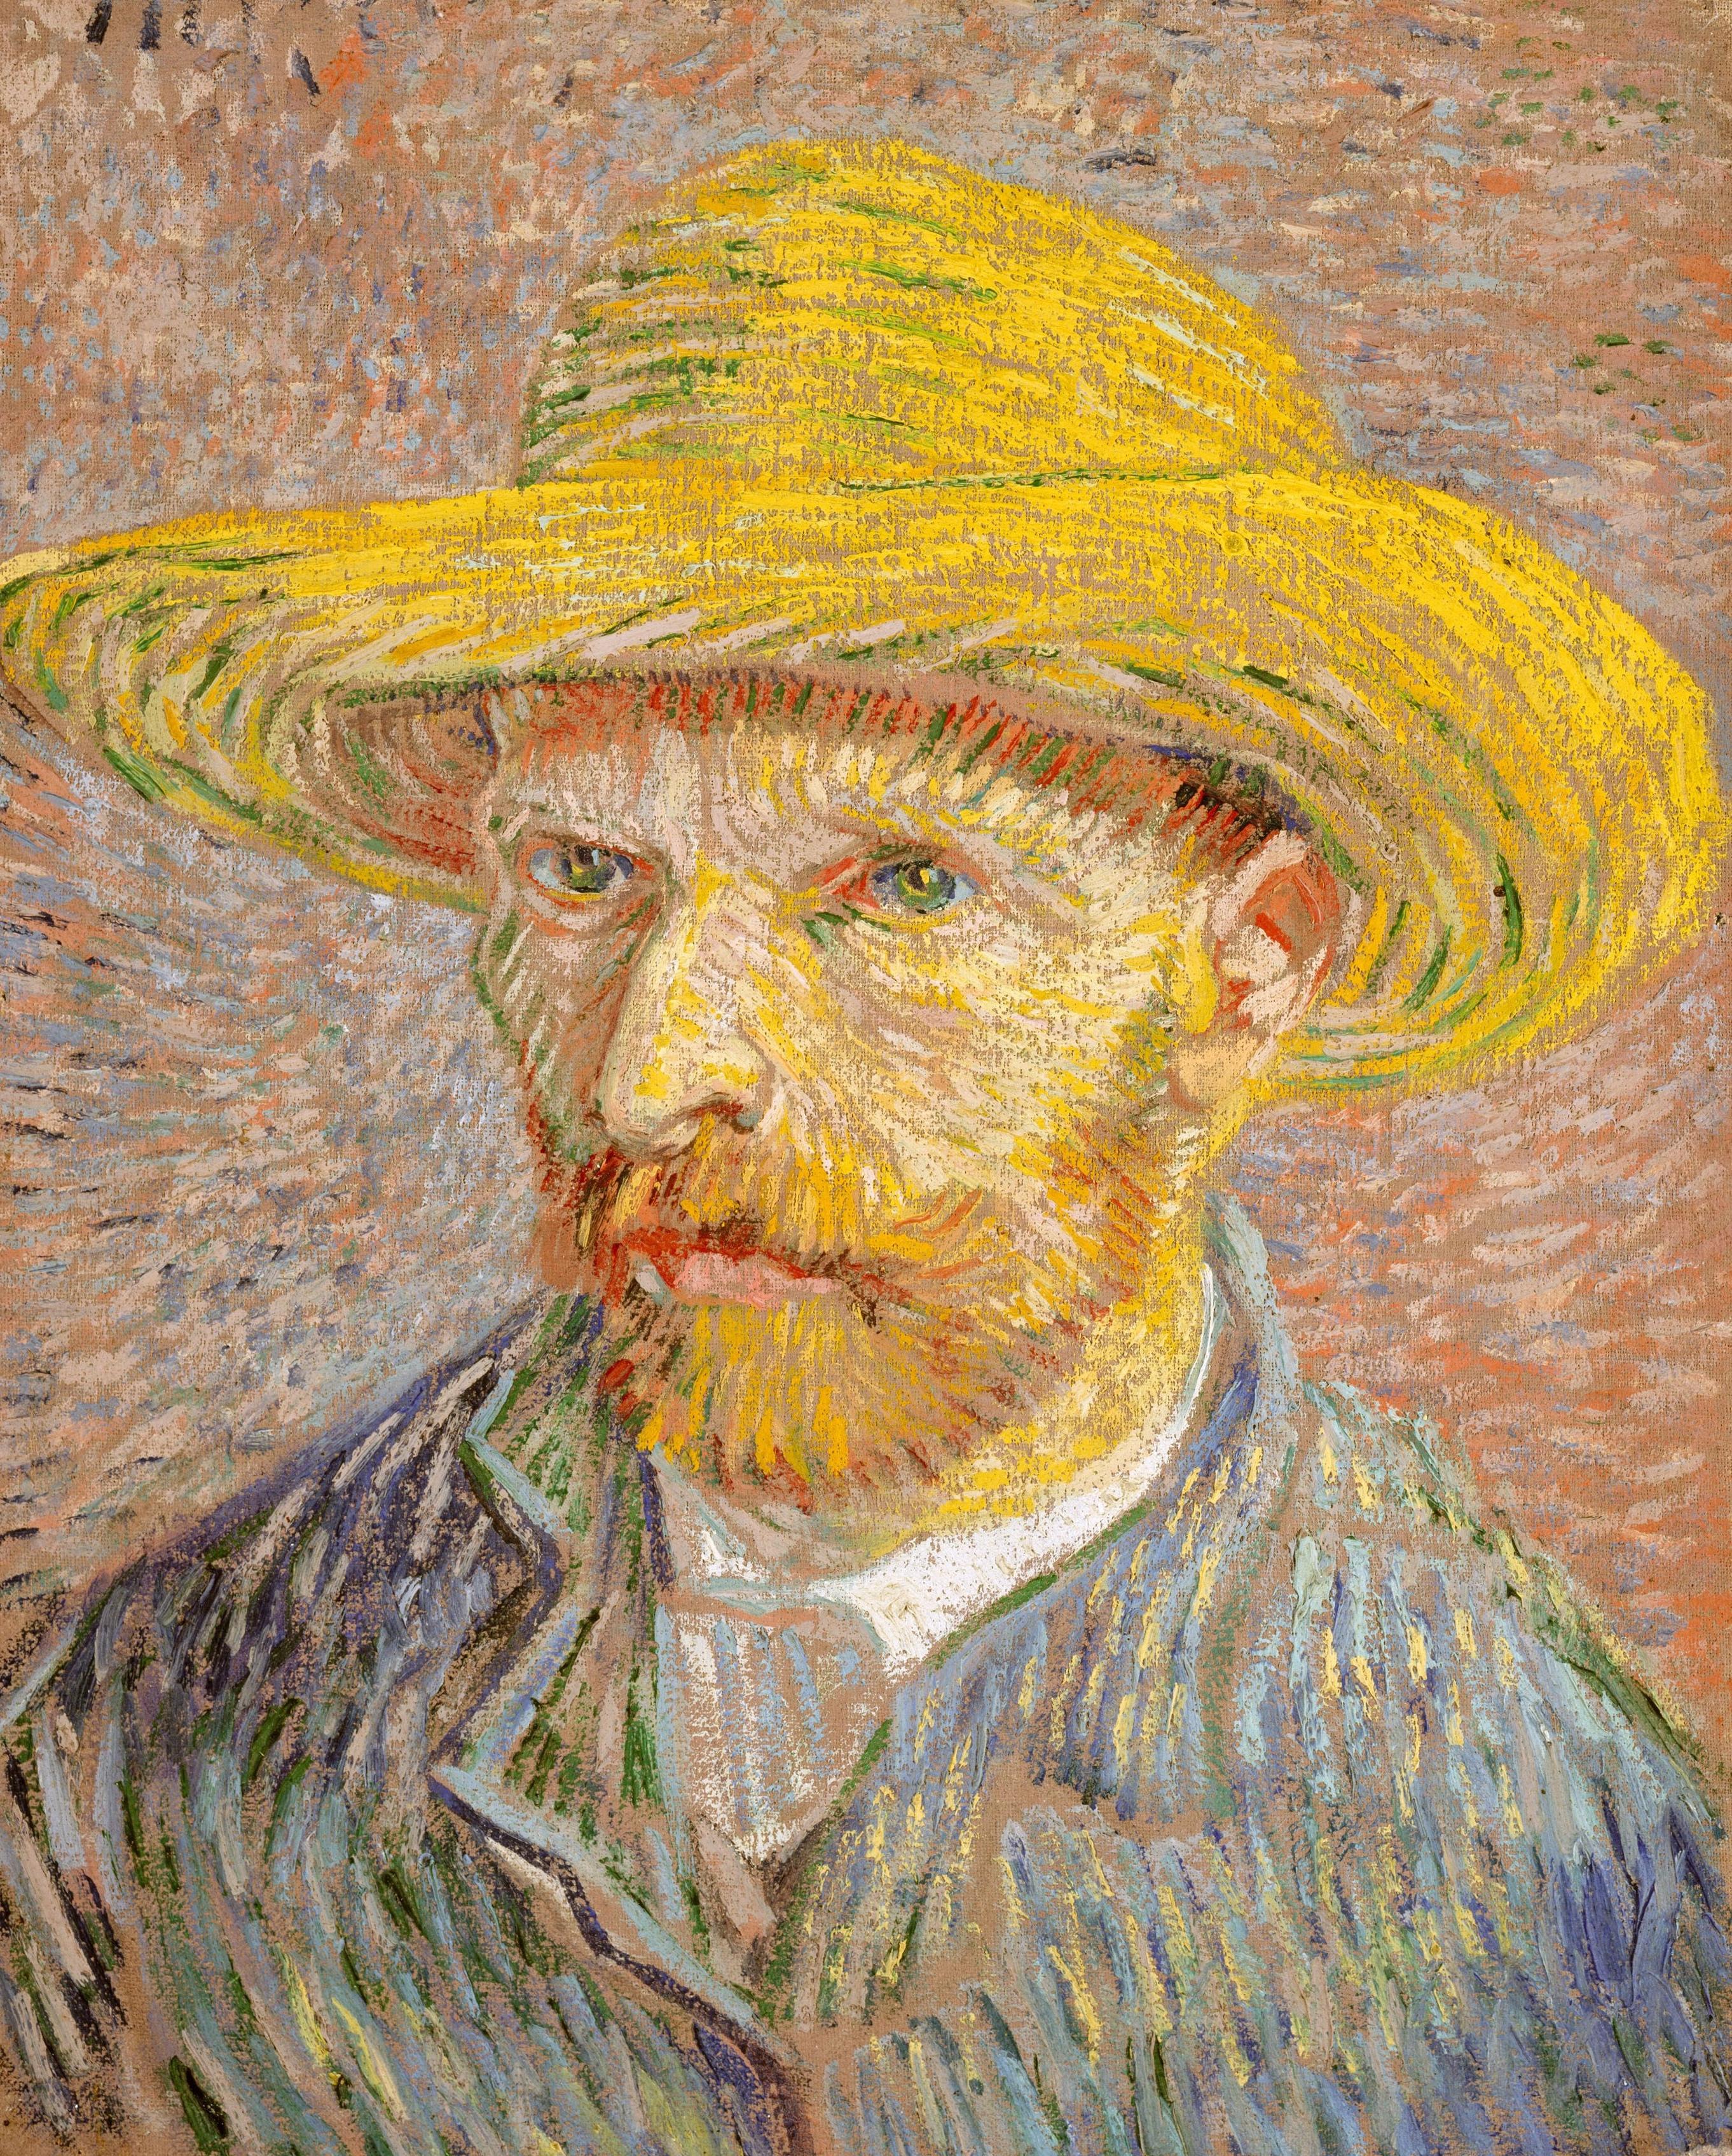 102696 Hintergrundbild 240x400 kostenlos auf deinem Handy, lade Bilder Kunst, Künstler, Porträt, Vincent Van Gogh, Selbstporträt Mit Strohhut, Selbstporträt Im Strohhut 240x400 auf dein Handy herunter